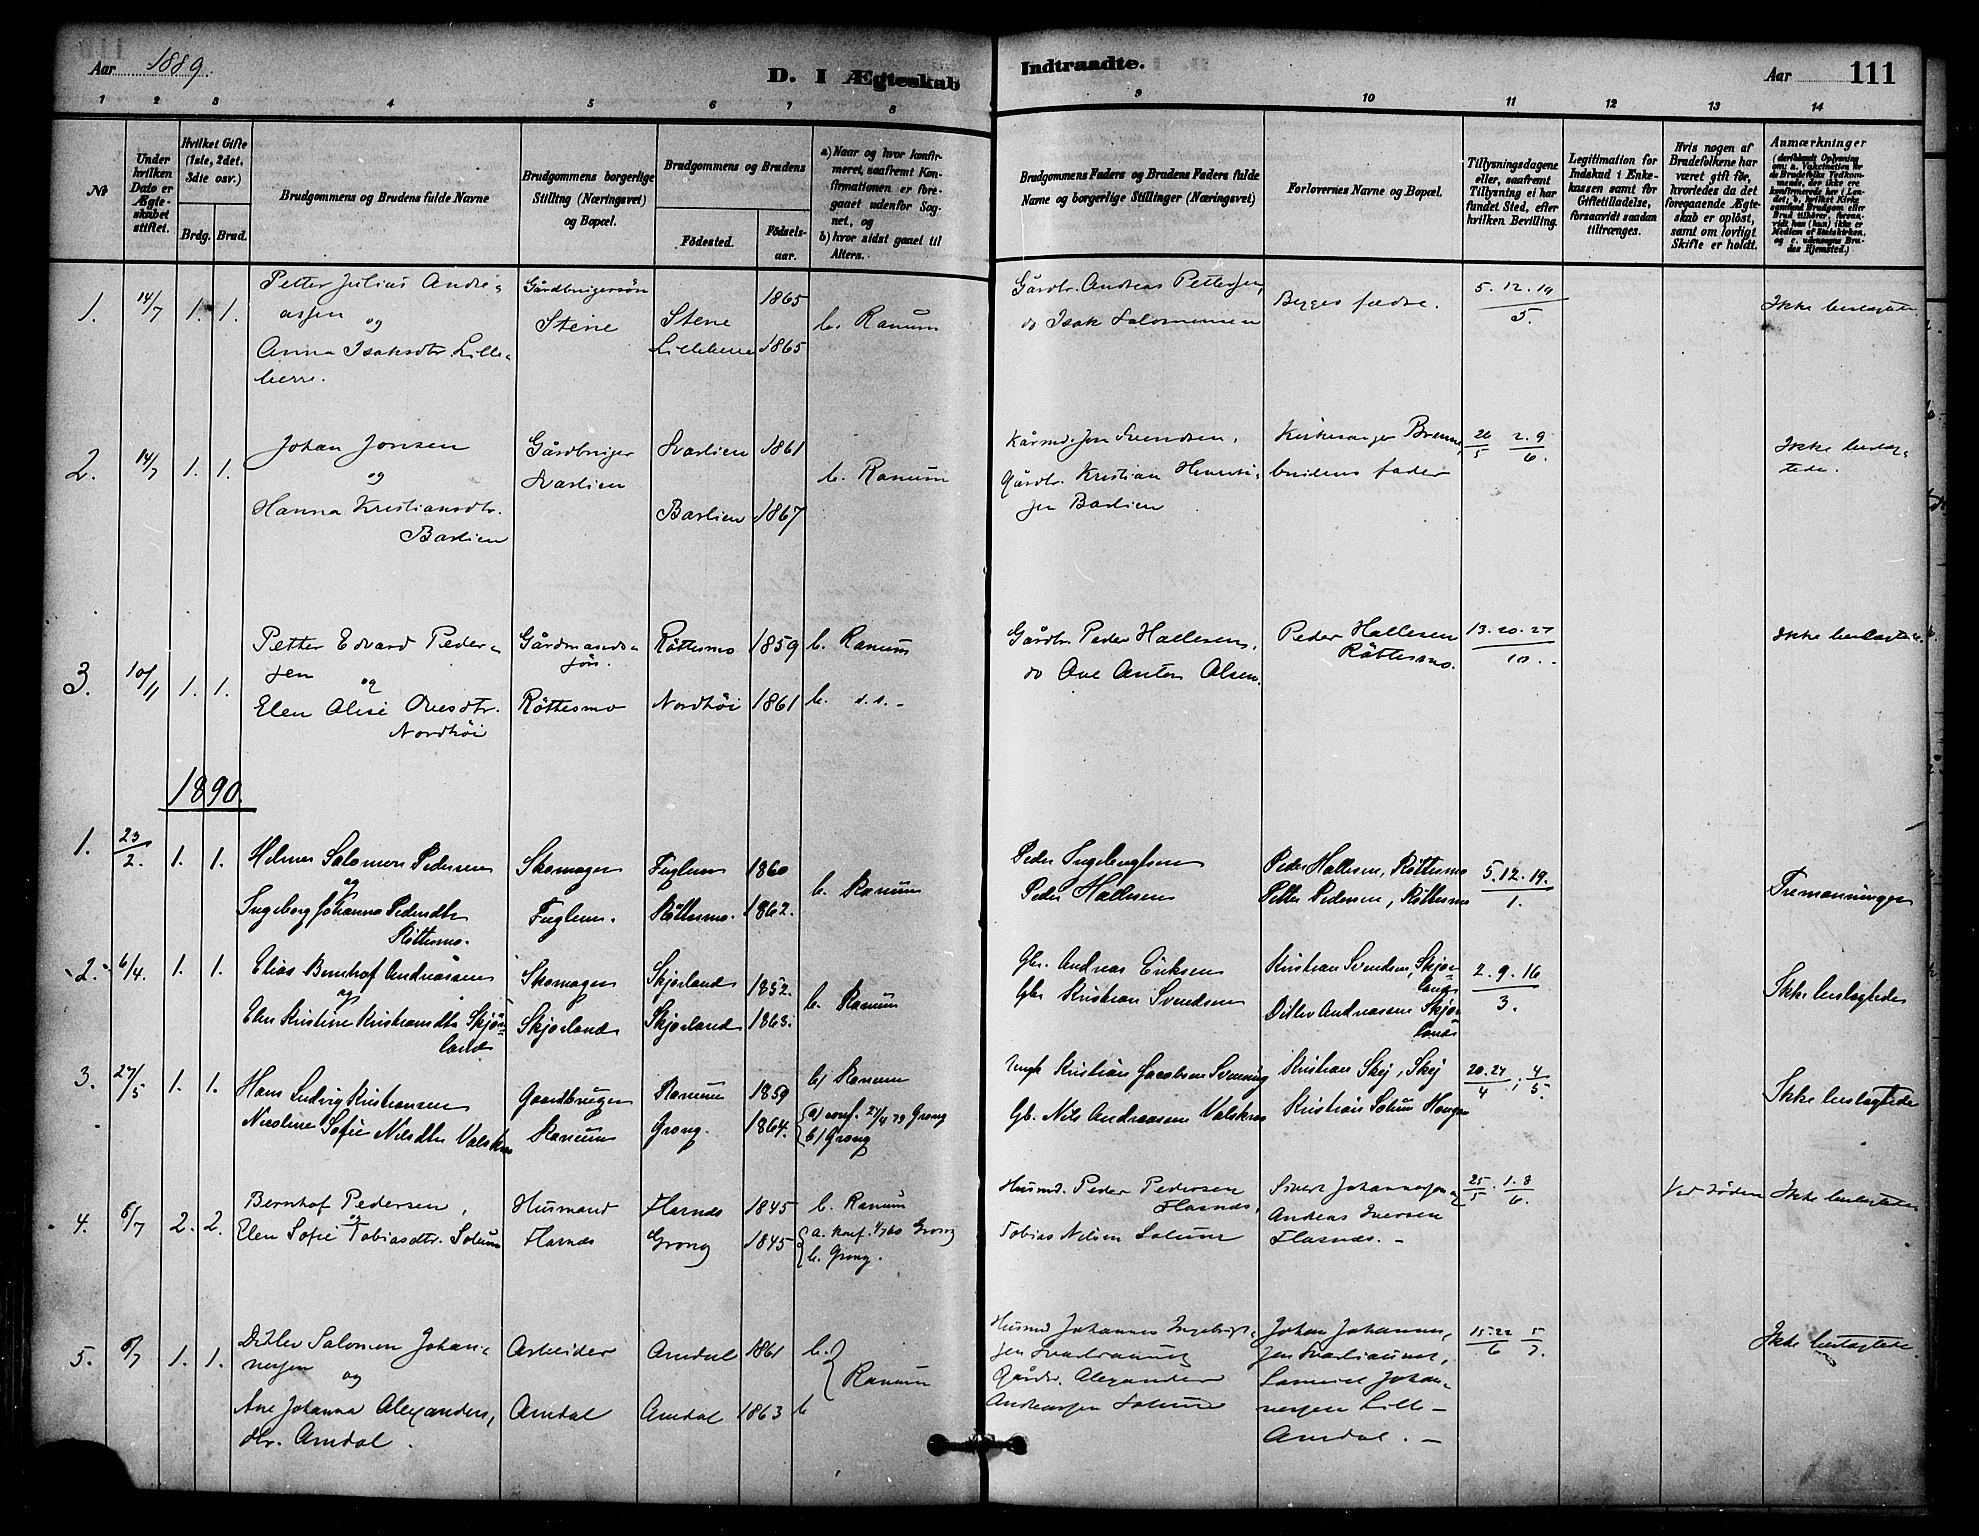 SAT, Ministerialprotokoller, klokkerbøker og fødselsregistre - Nord-Trøndelag, 764/L0555: Ministerialbok nr. 764A10, 1881-1896, s. 111